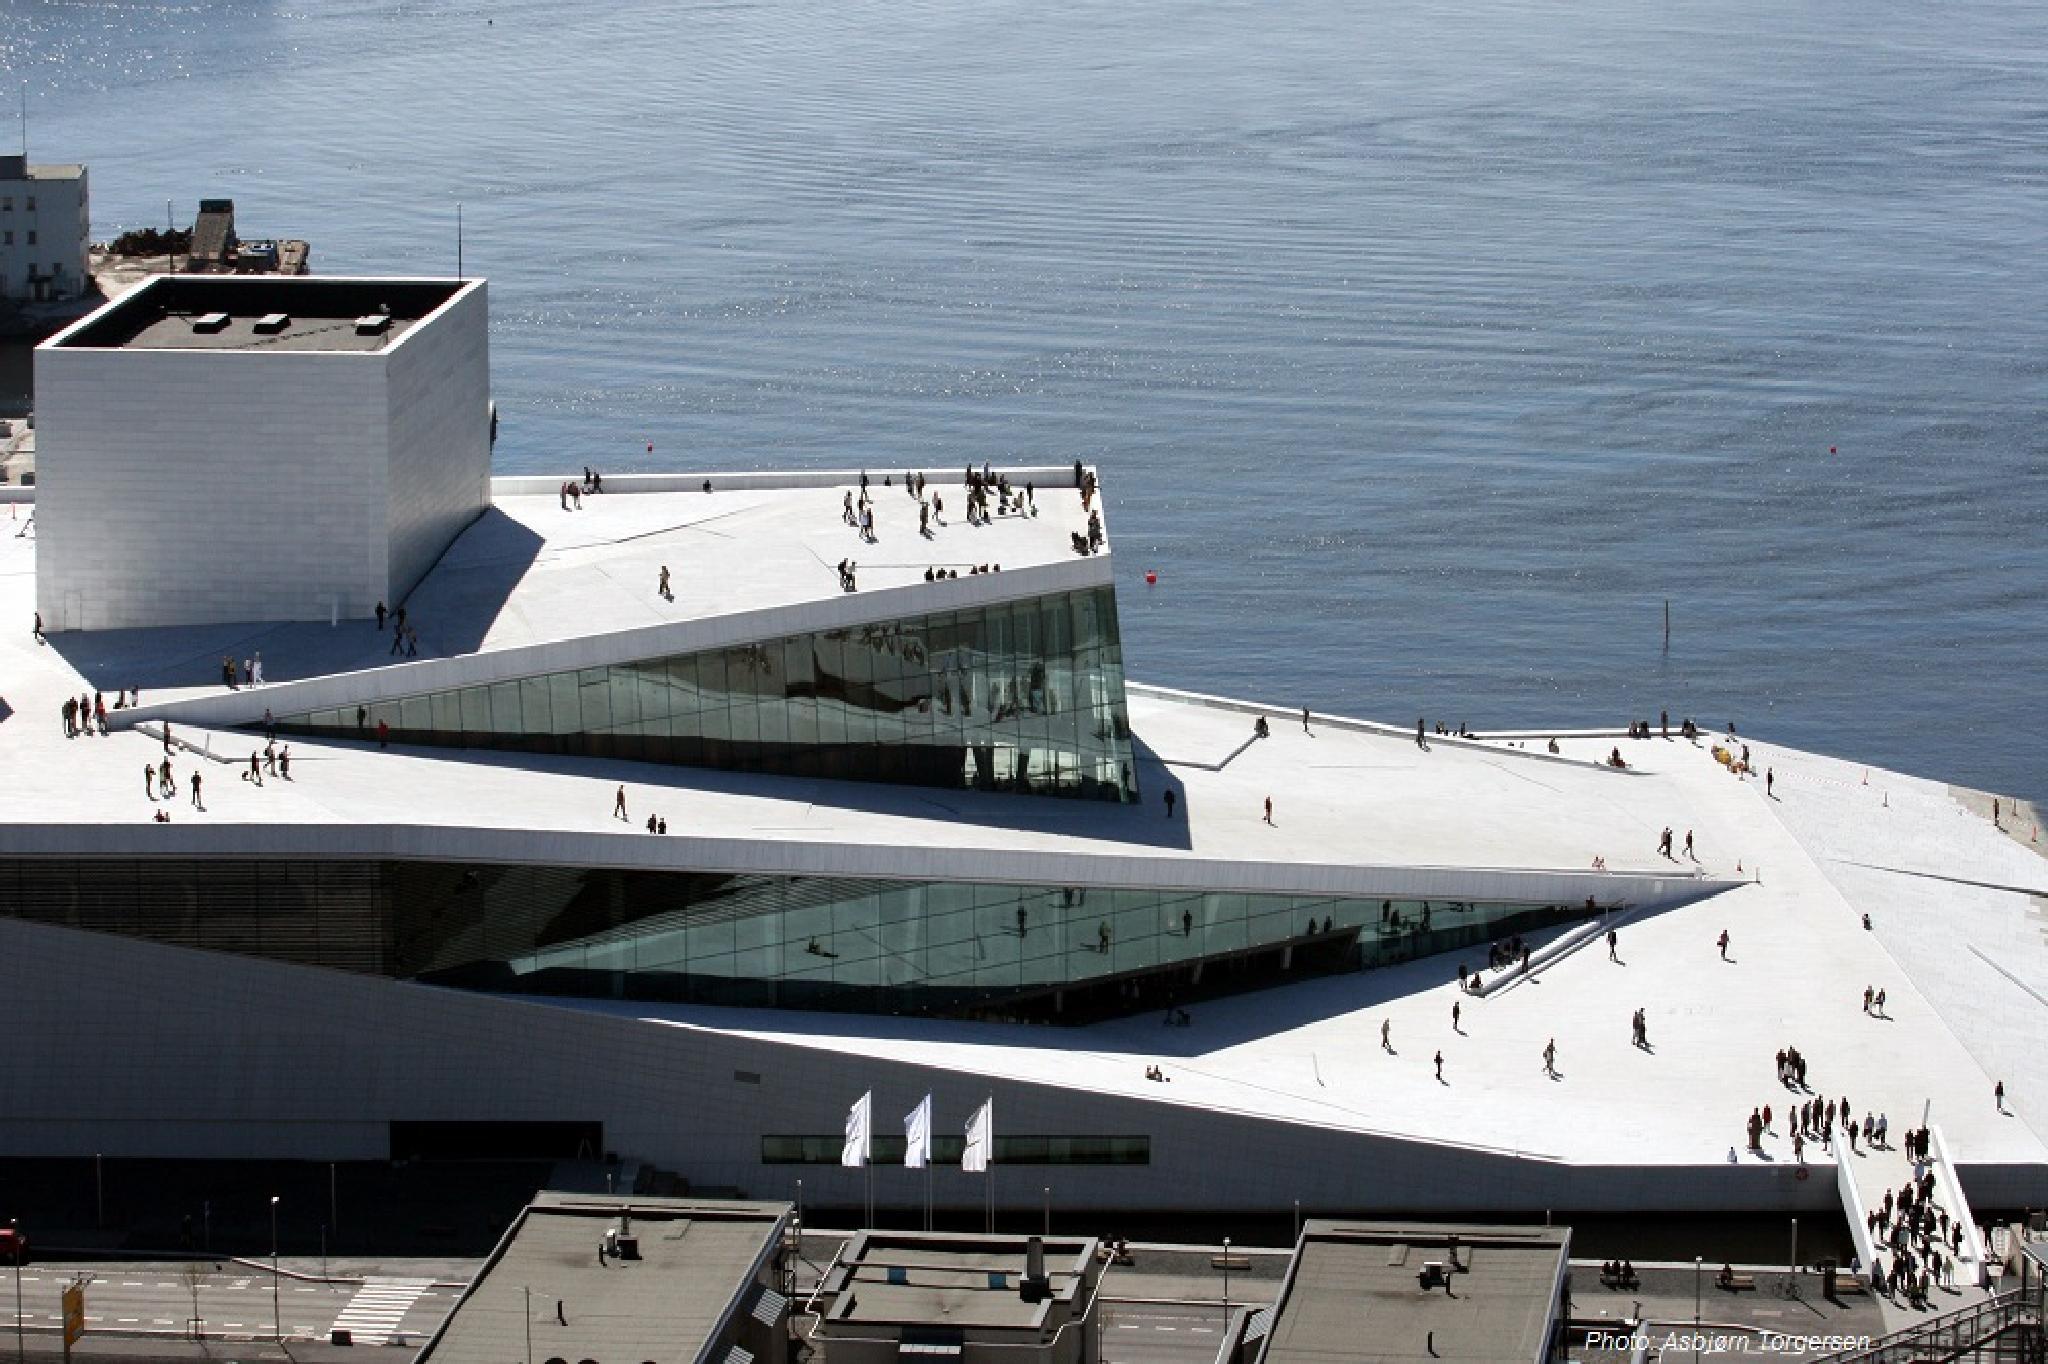 Modern building in Oslo by Asbjorn Torgersen